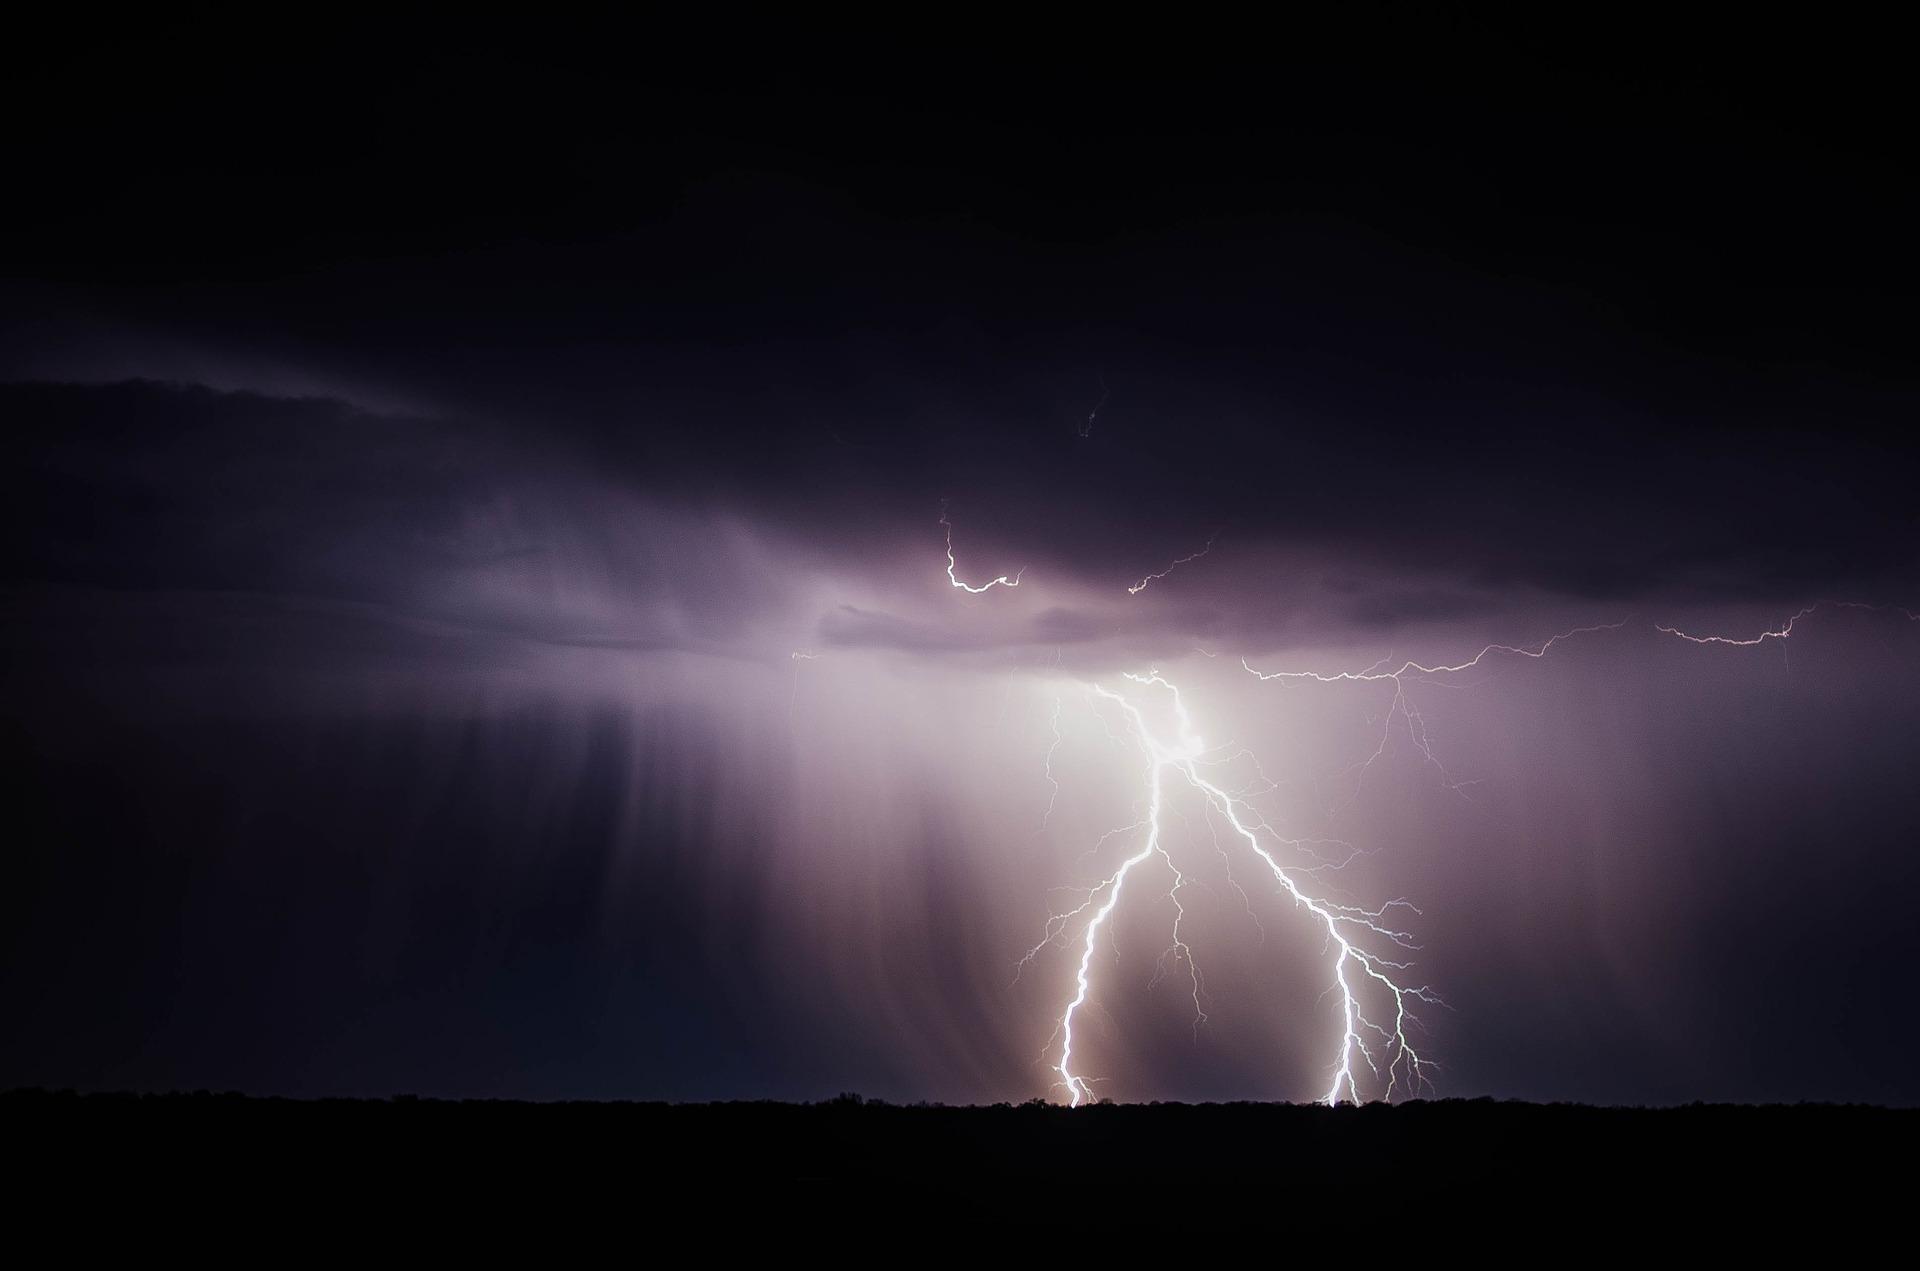 lightning-bolt-768801_1920.jpg